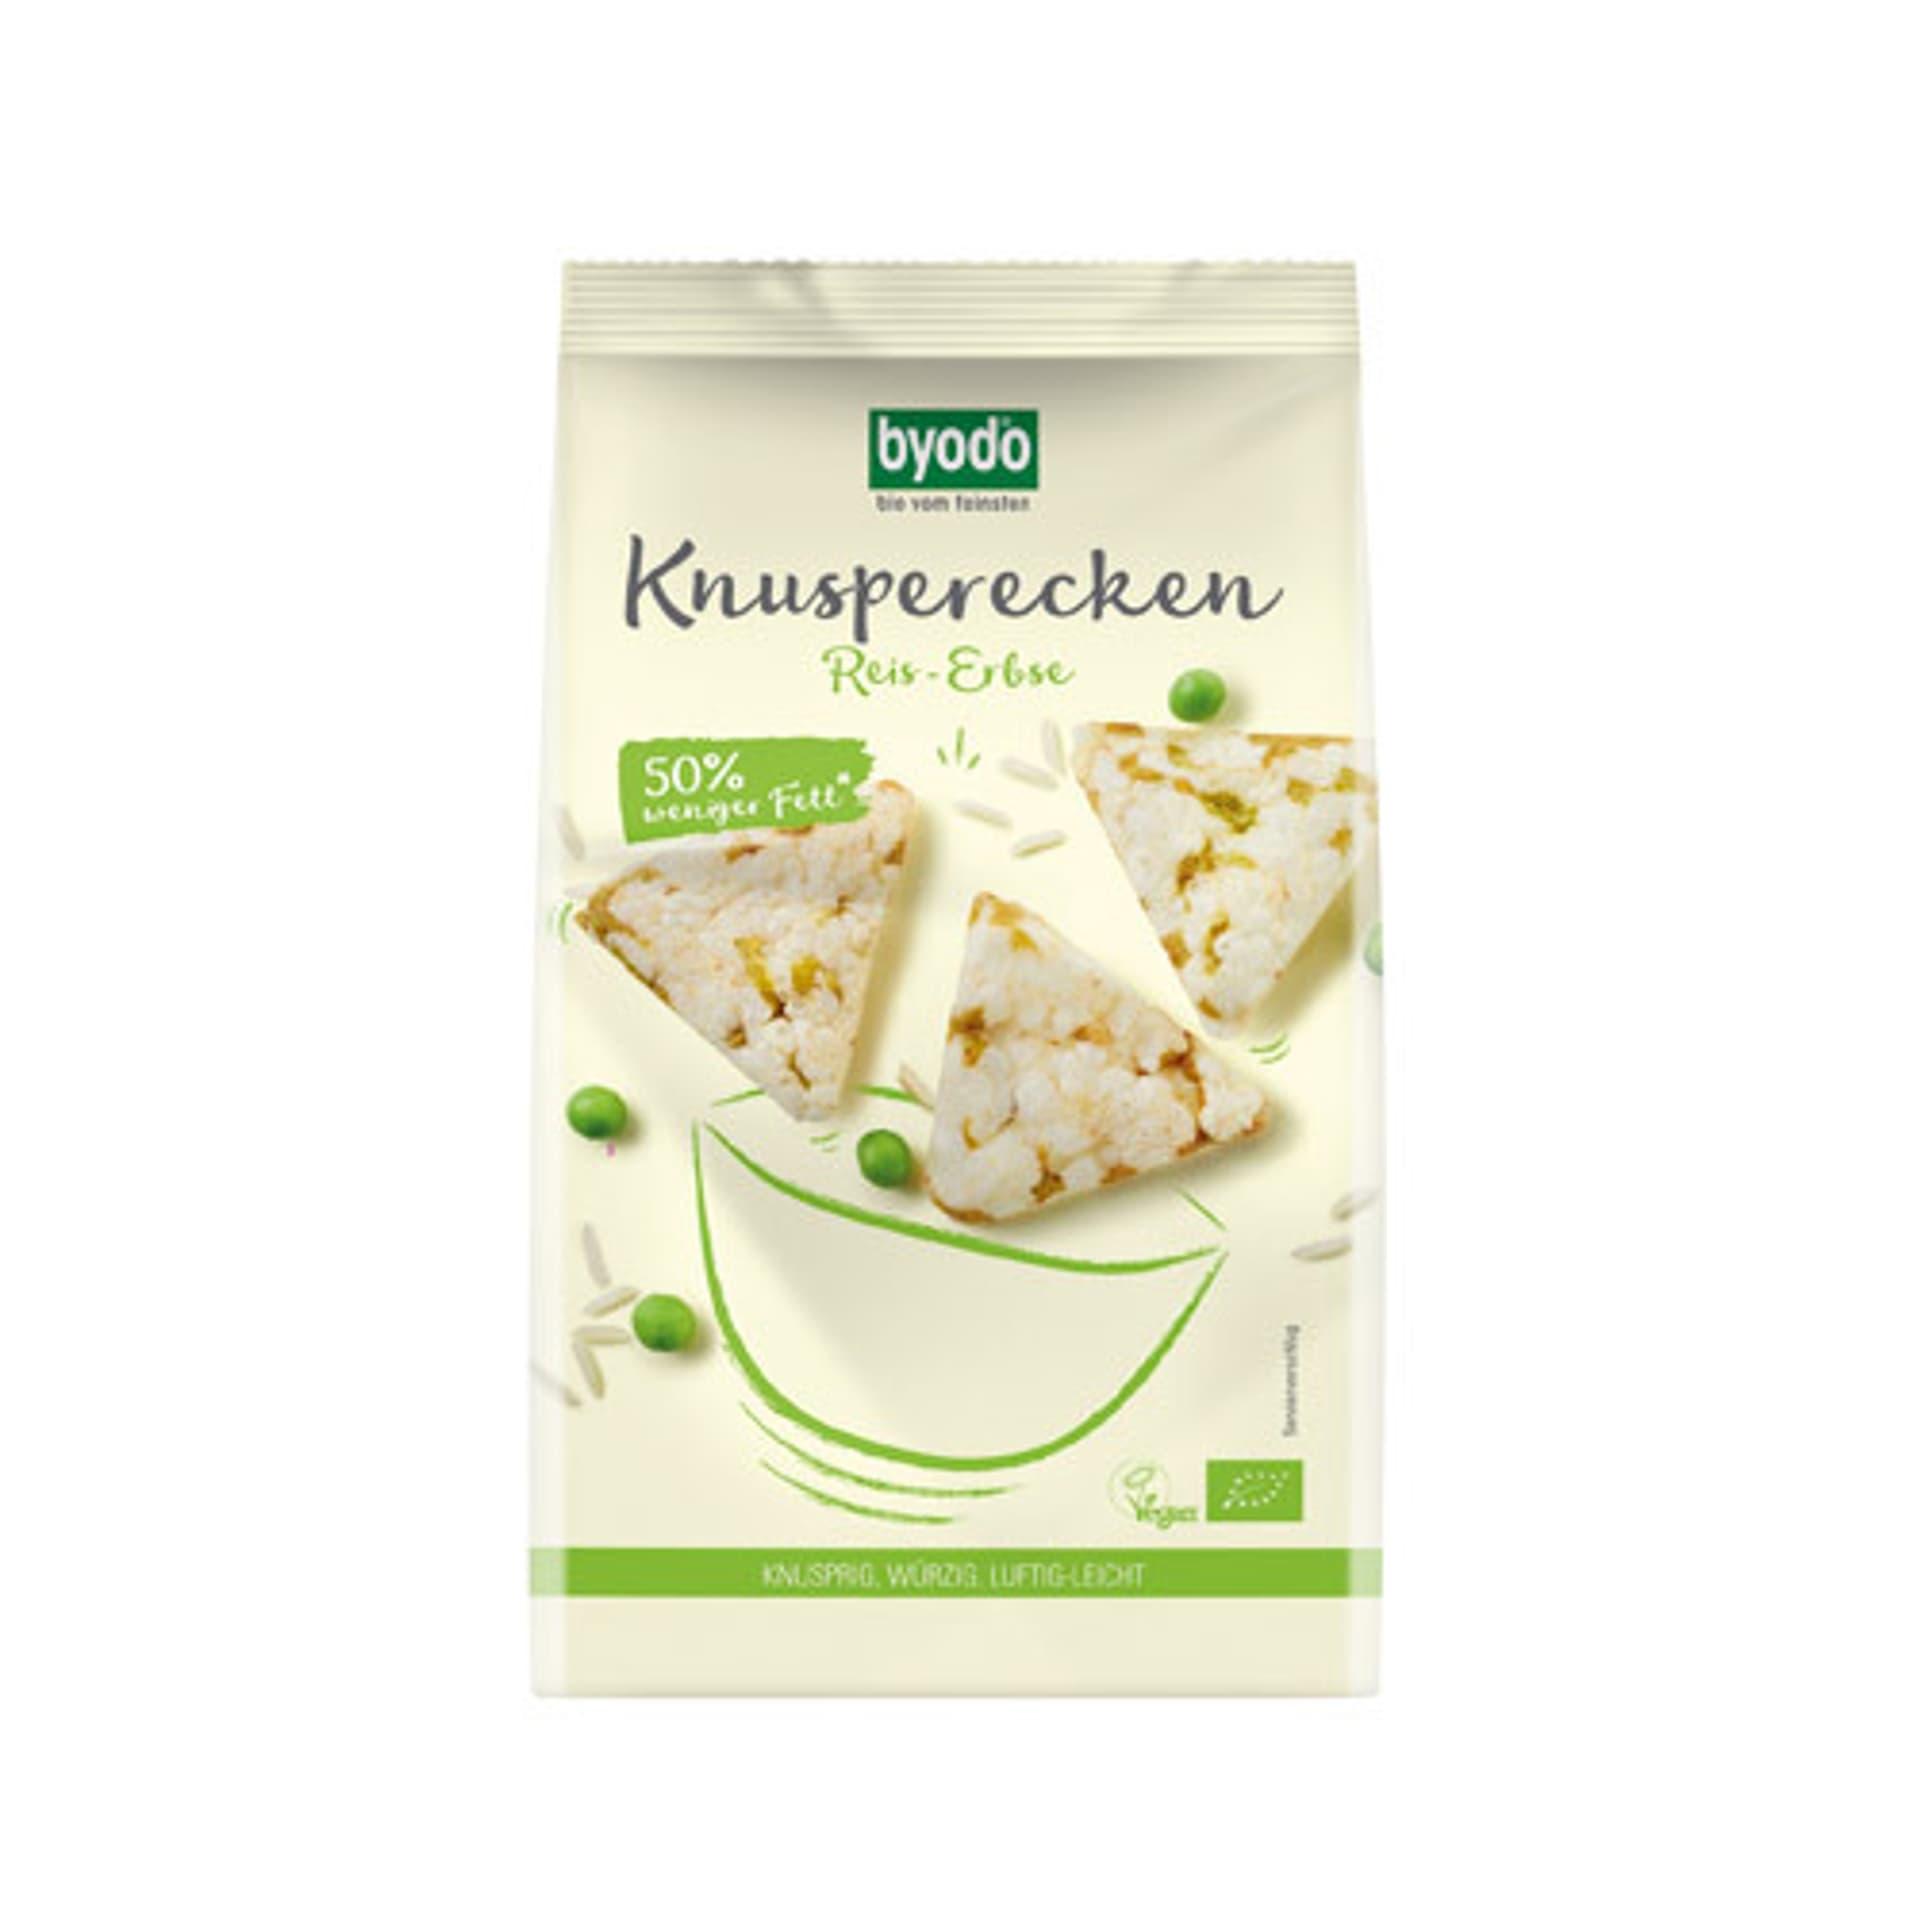 Knusperecken Reis-Erbse